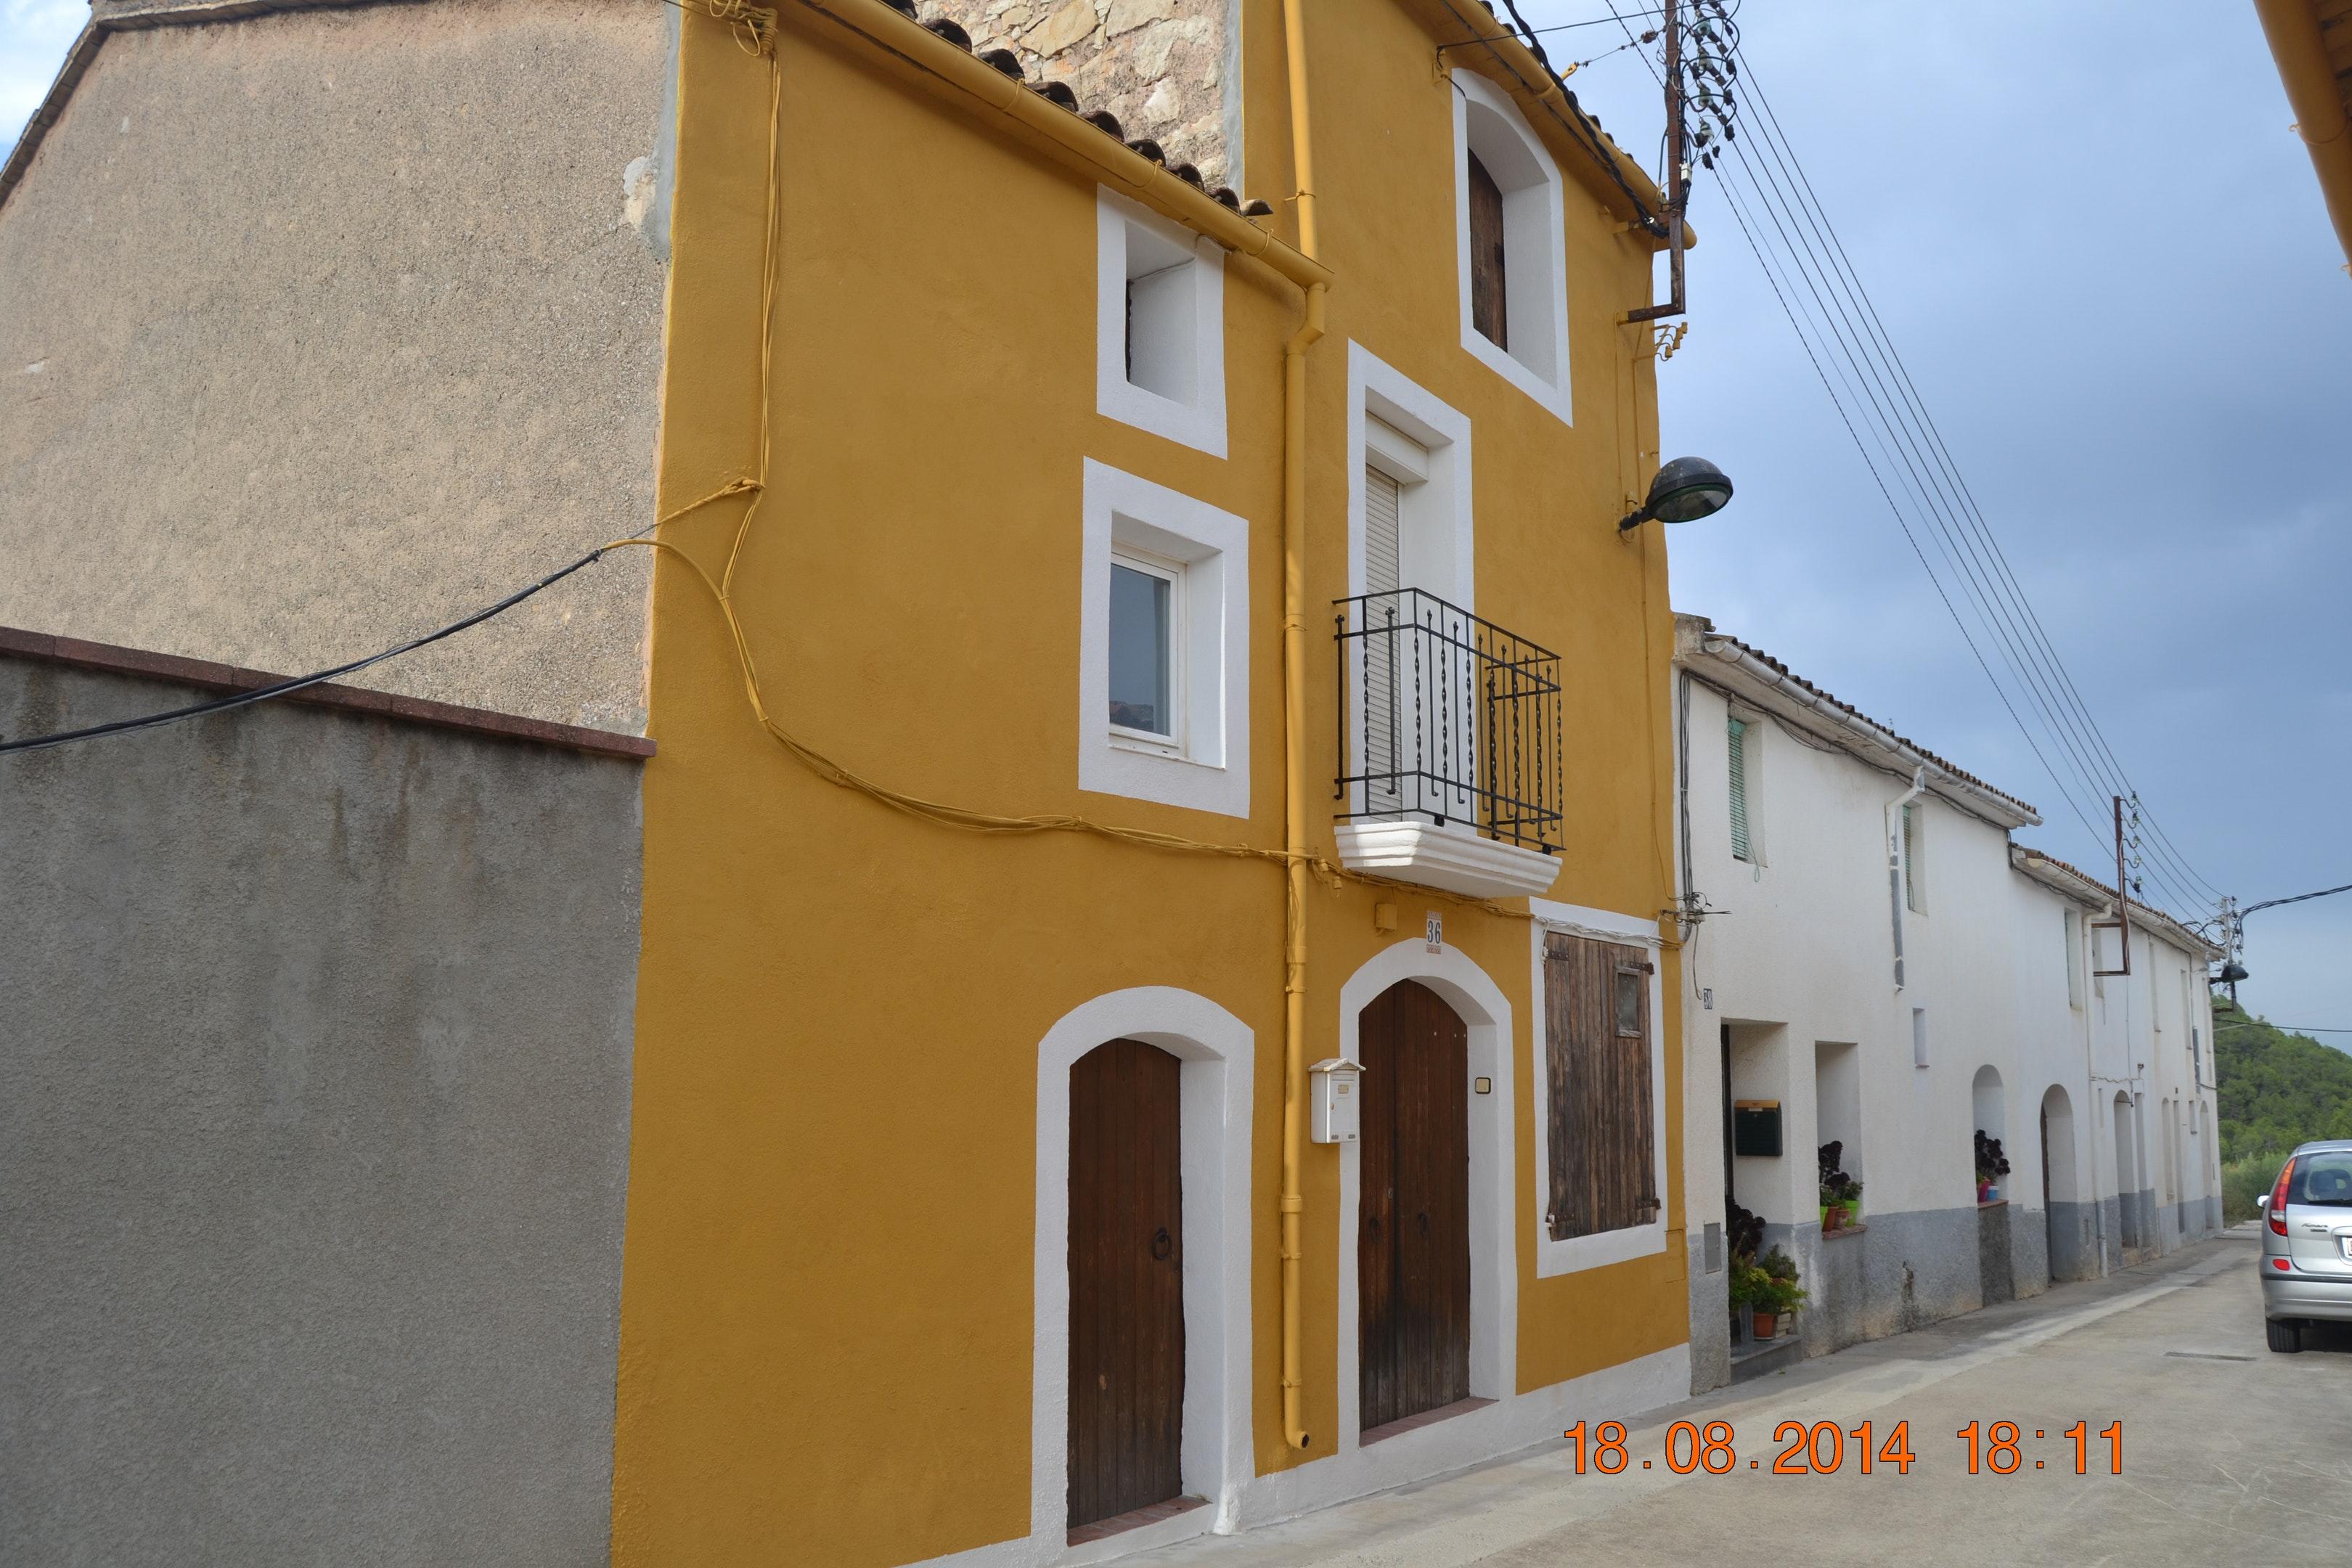 Ferienhaus Haus mit 4 Schlafzimmern in Sant Pere Sacarrera mit toller Aussicht auf die Berge, möblier (2217248), Sant Pere Sacarrera, Barcelona, Katalonien, Spanien, Bild 9